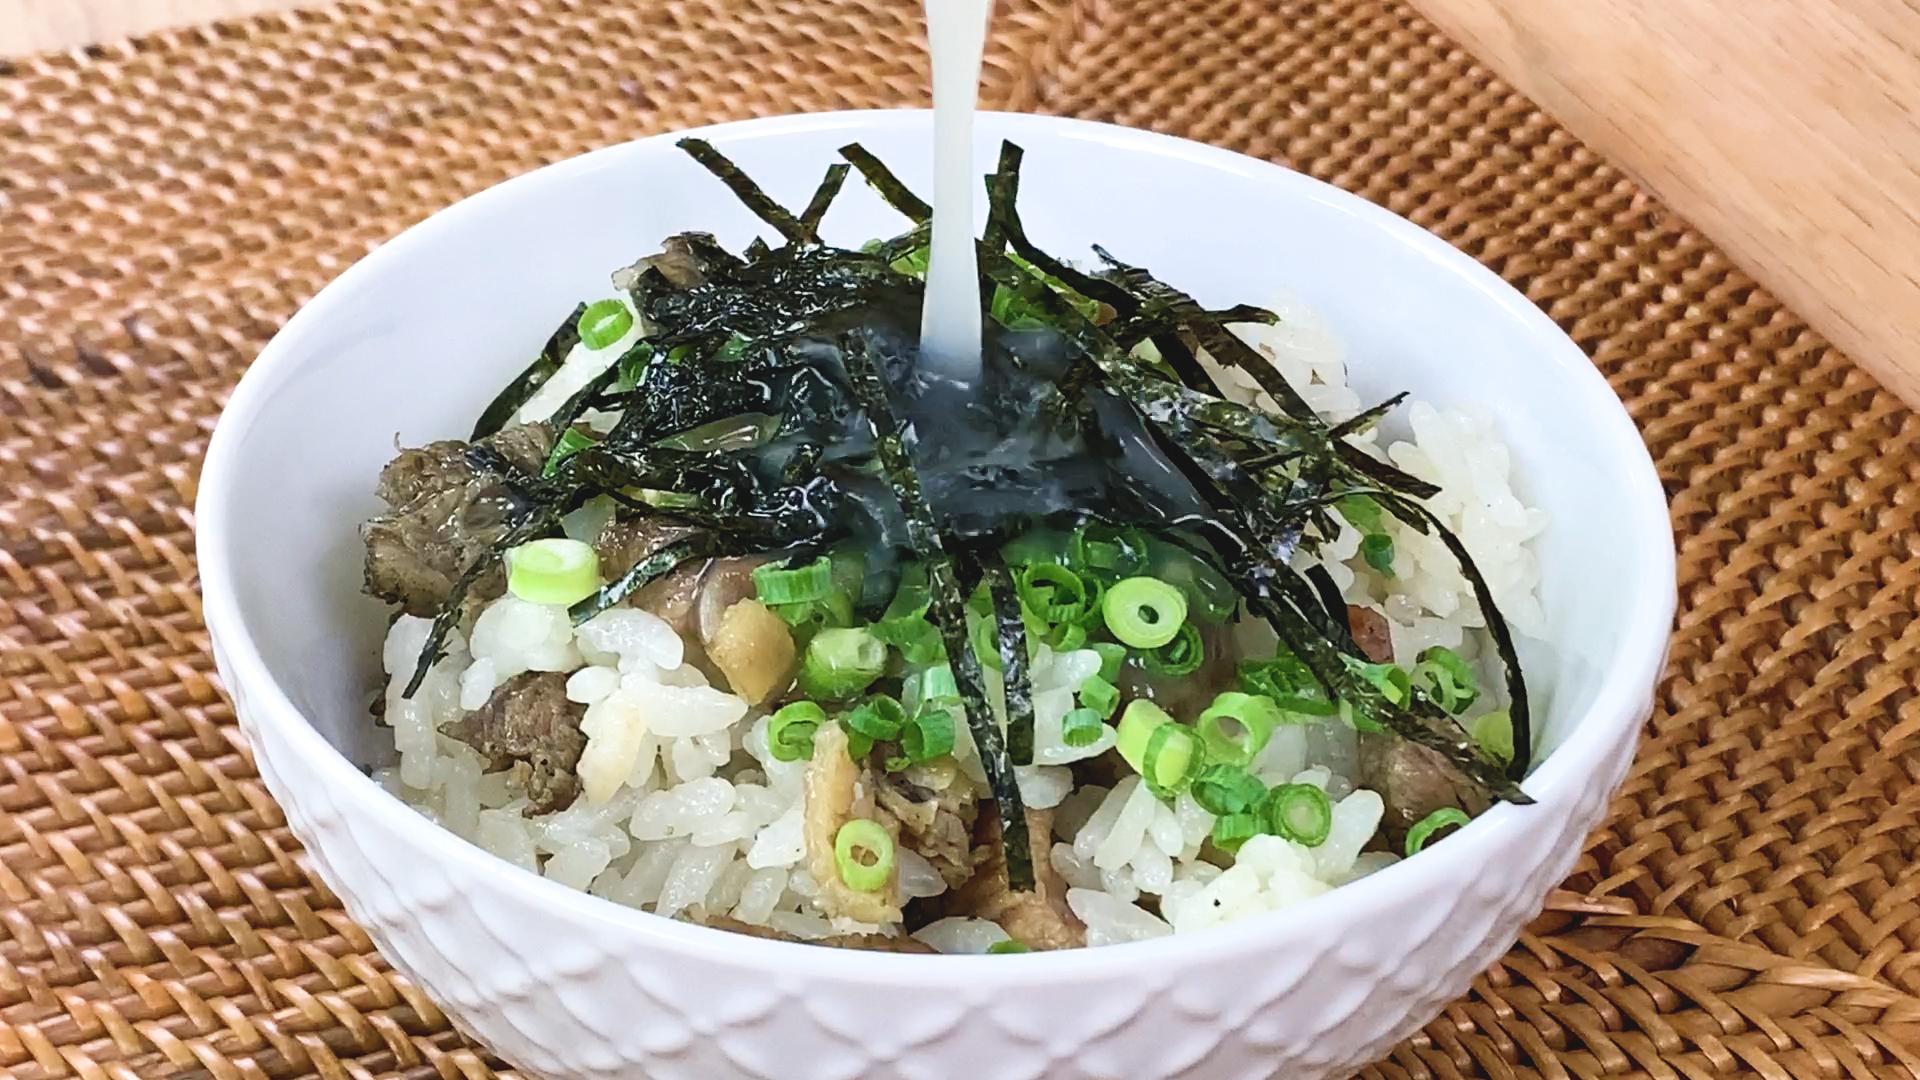 TBSテレビ系列 「サタデープラス」で紹介!絶品「炊き込みご飯」ランキングTOP5